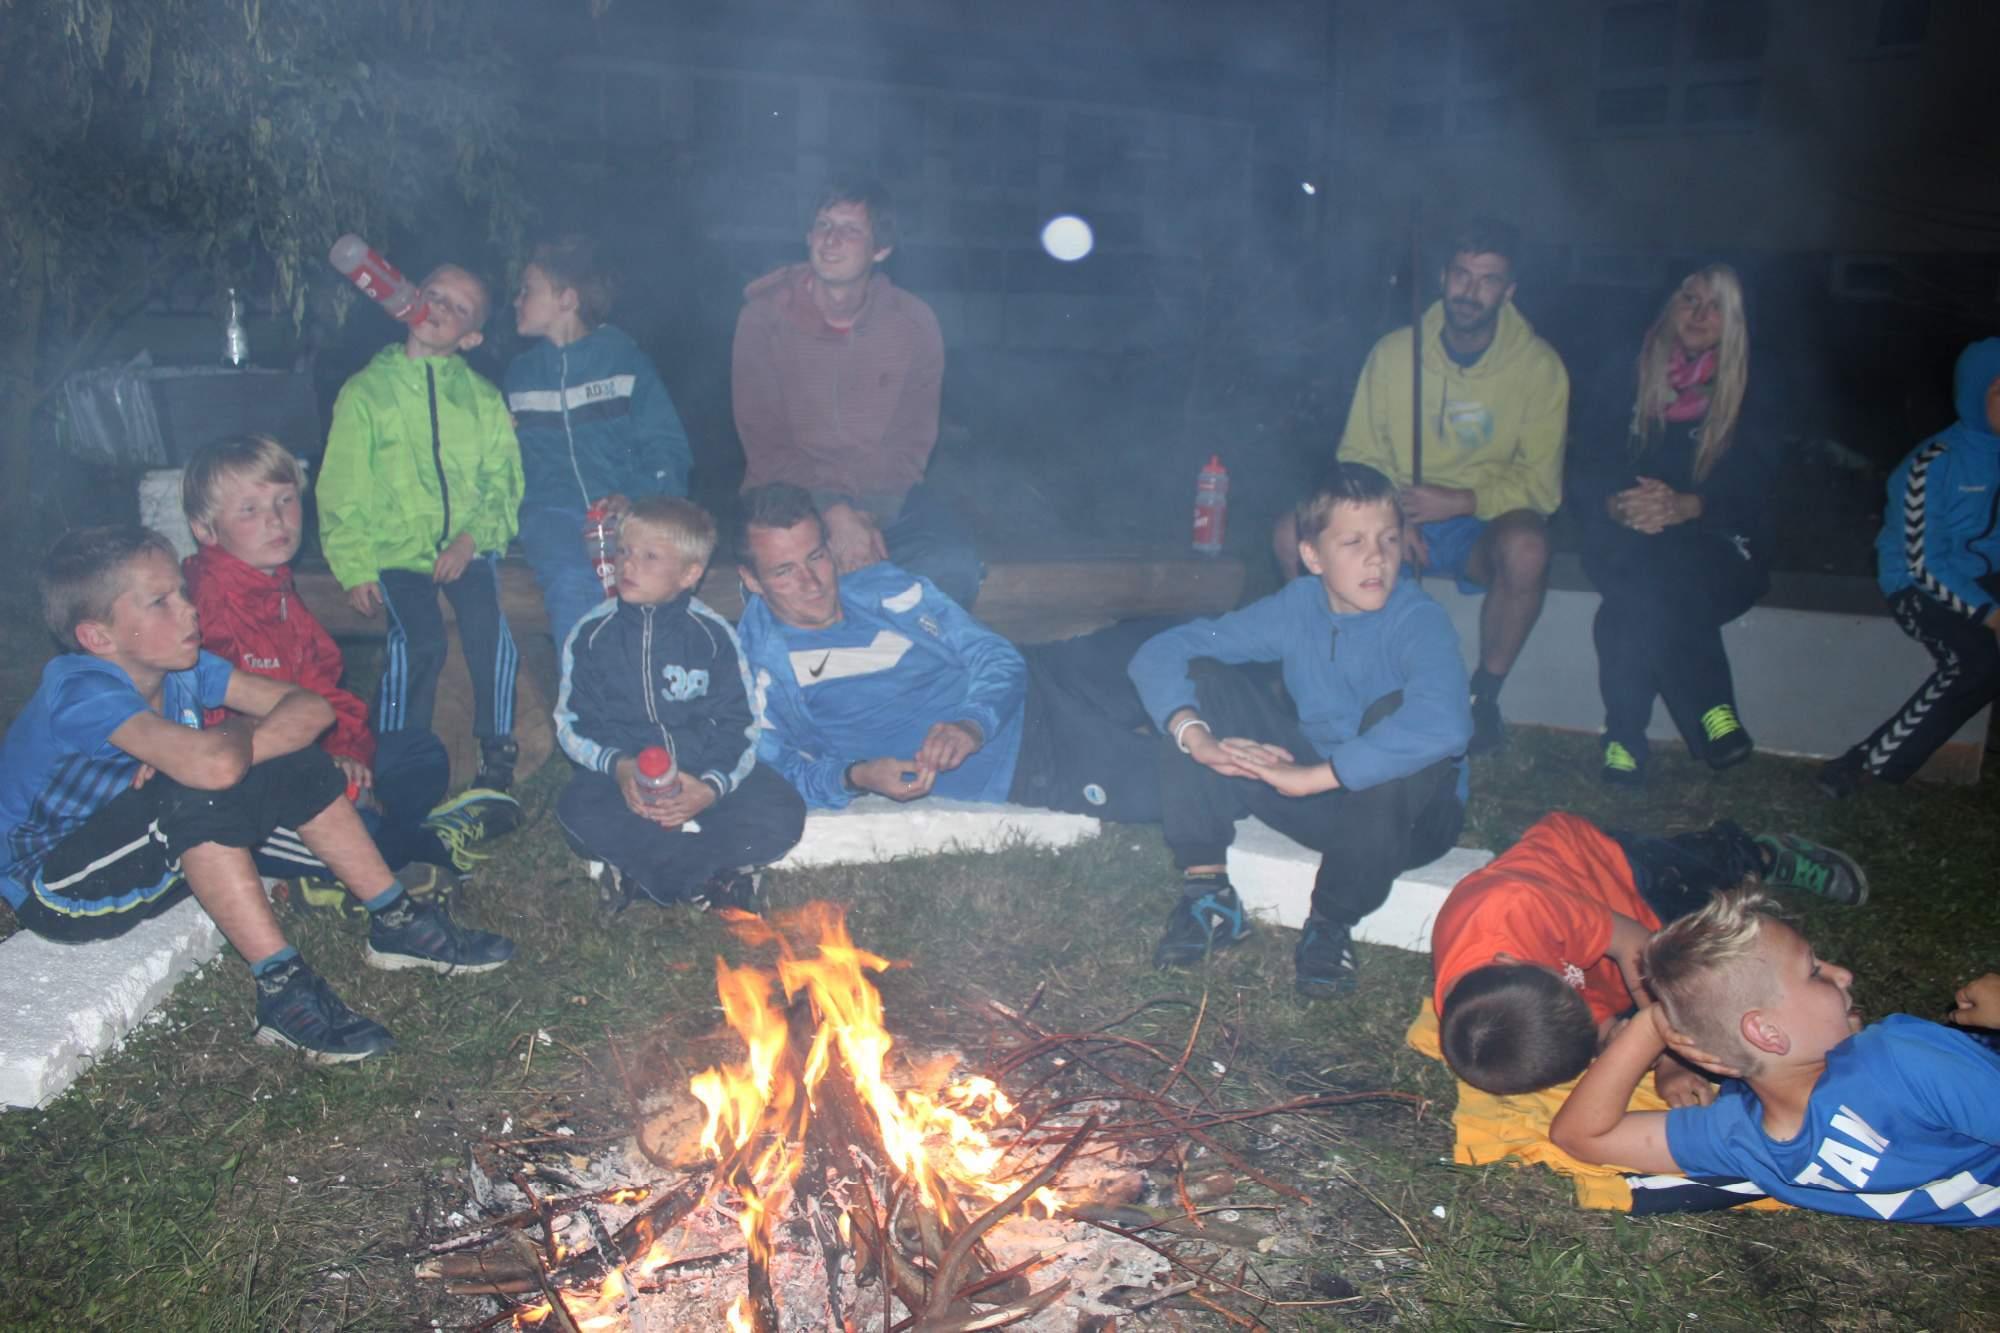 Fotbalové prázdniny Fotbalový kemp Fotbalové Prázdniny 2014 Opejkačka